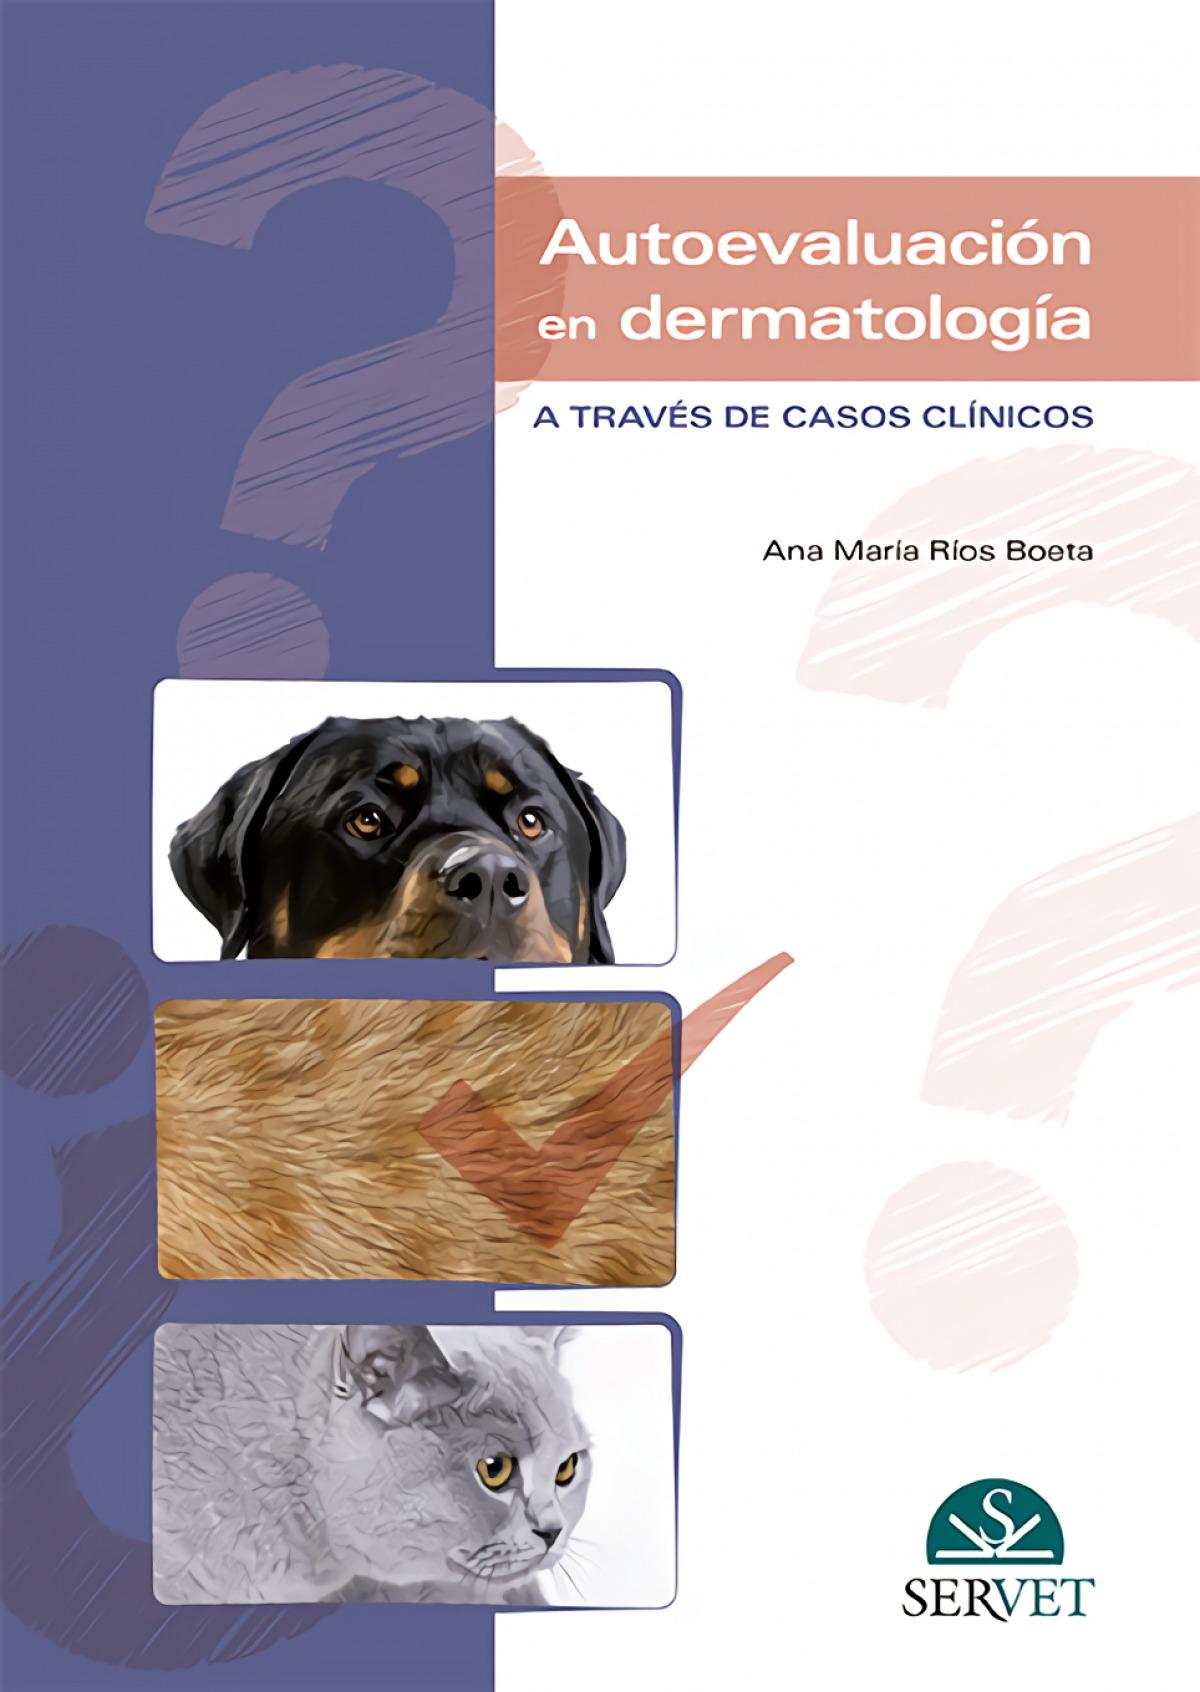 Autoevaluación en dermatología a través de casos clínicos